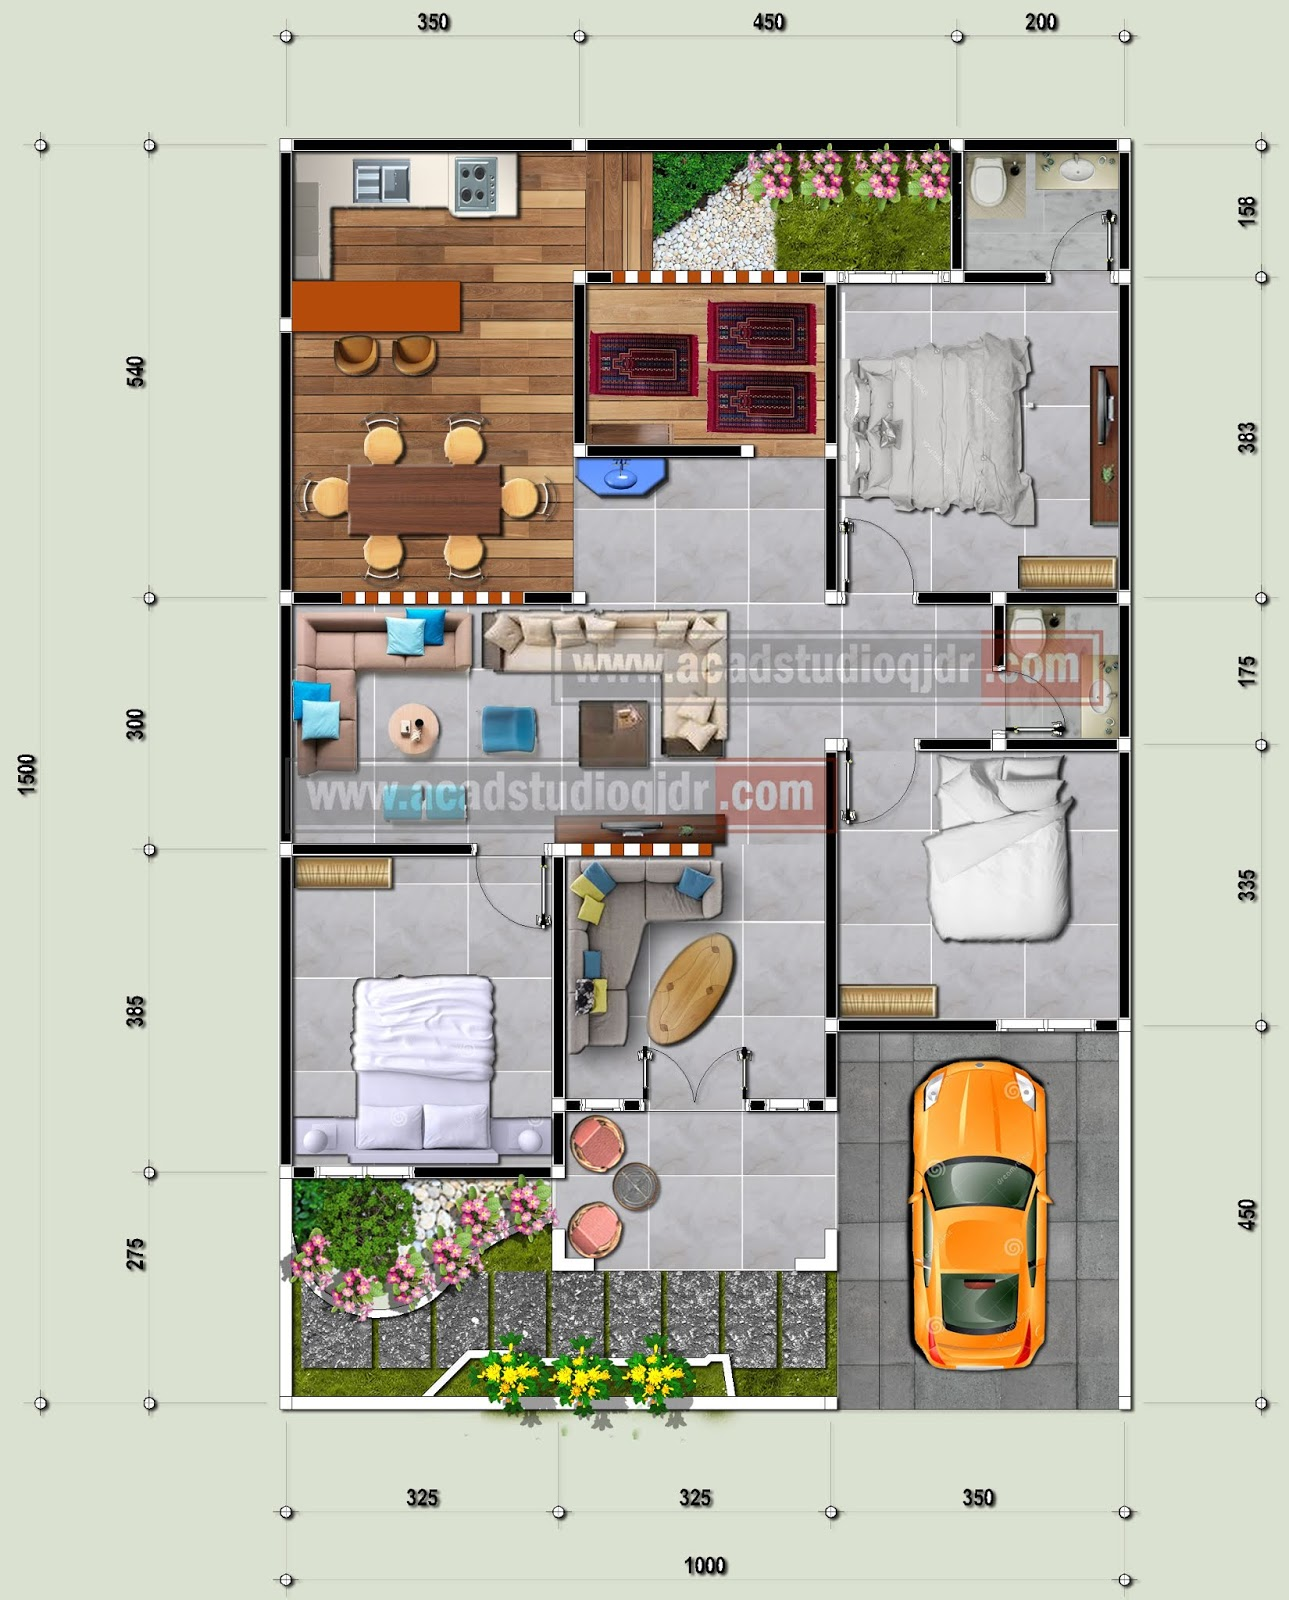 95+ Gambar Denah Rumah Ukuran 10x15 Yang Bisa Anda Contoh